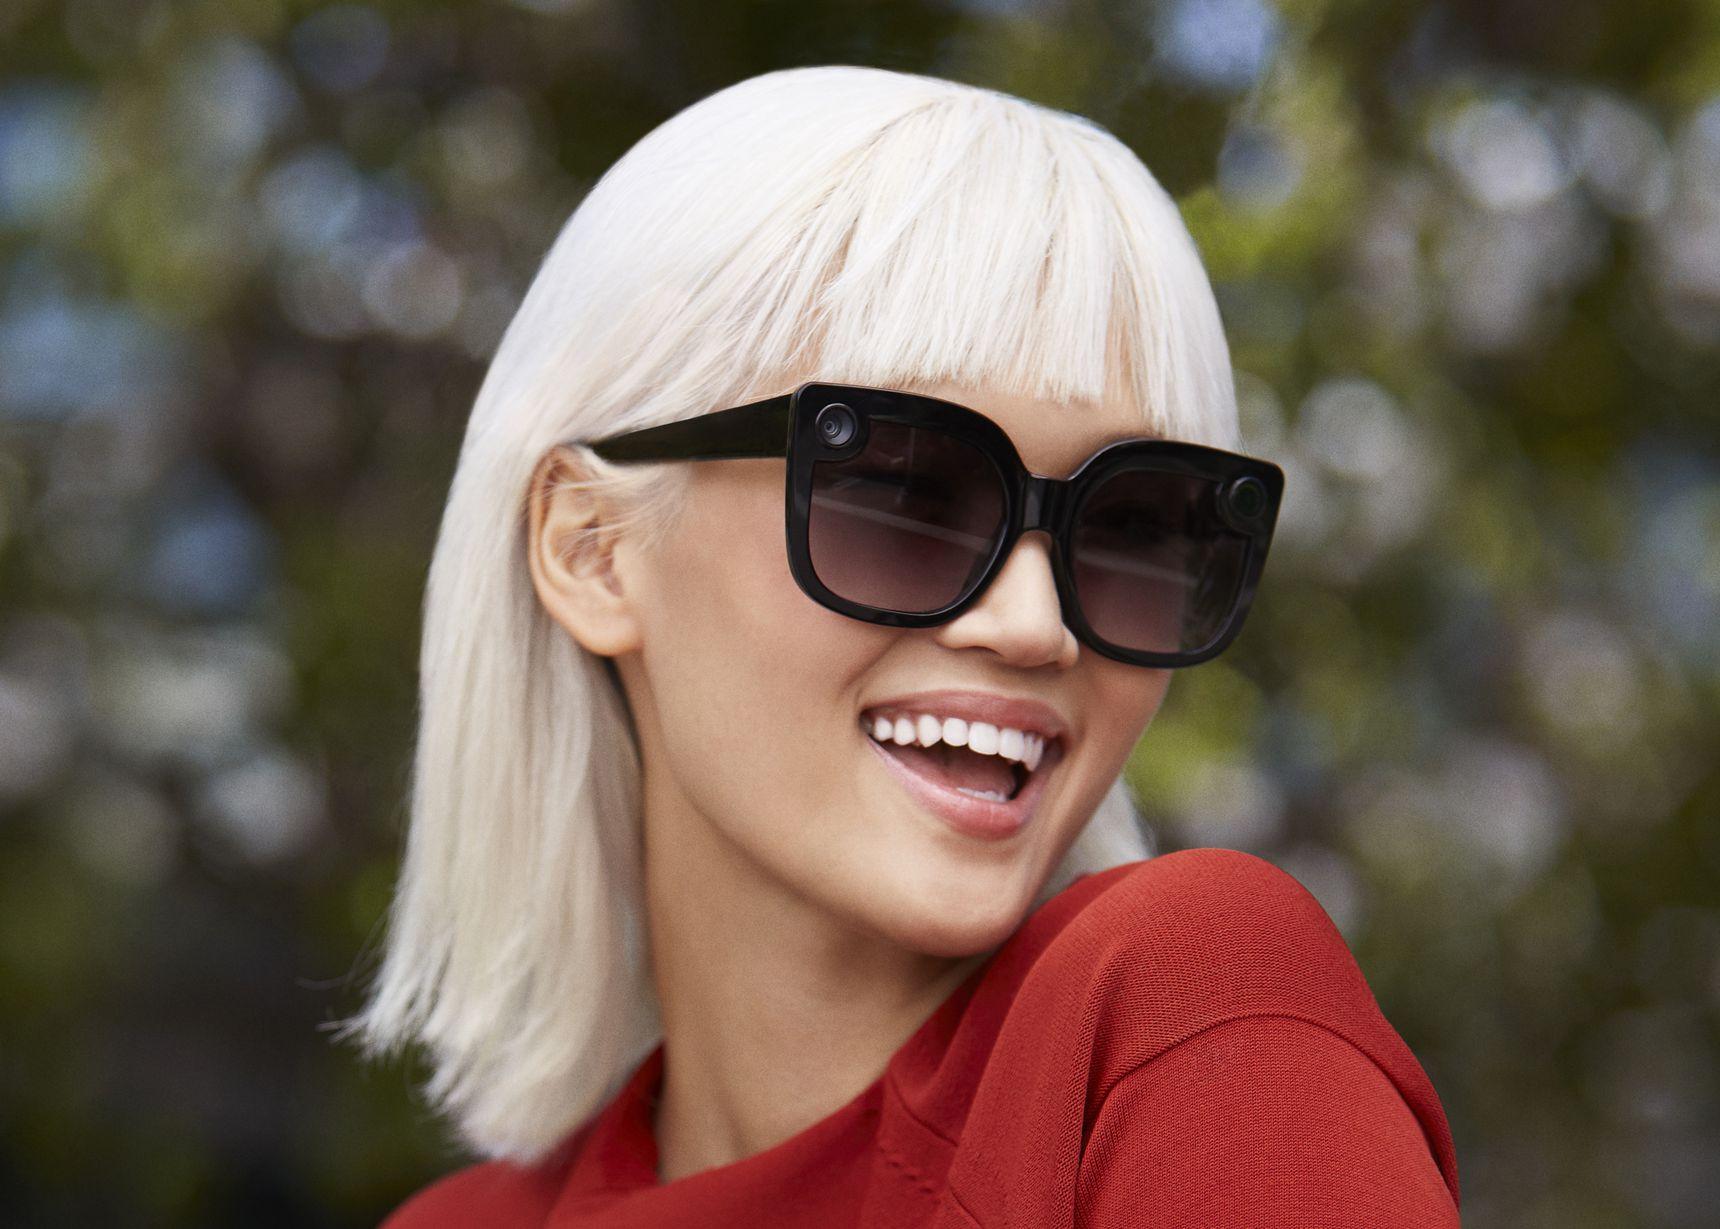 Snap推出新款式Spectacles眼镜,戴上看起来更自然